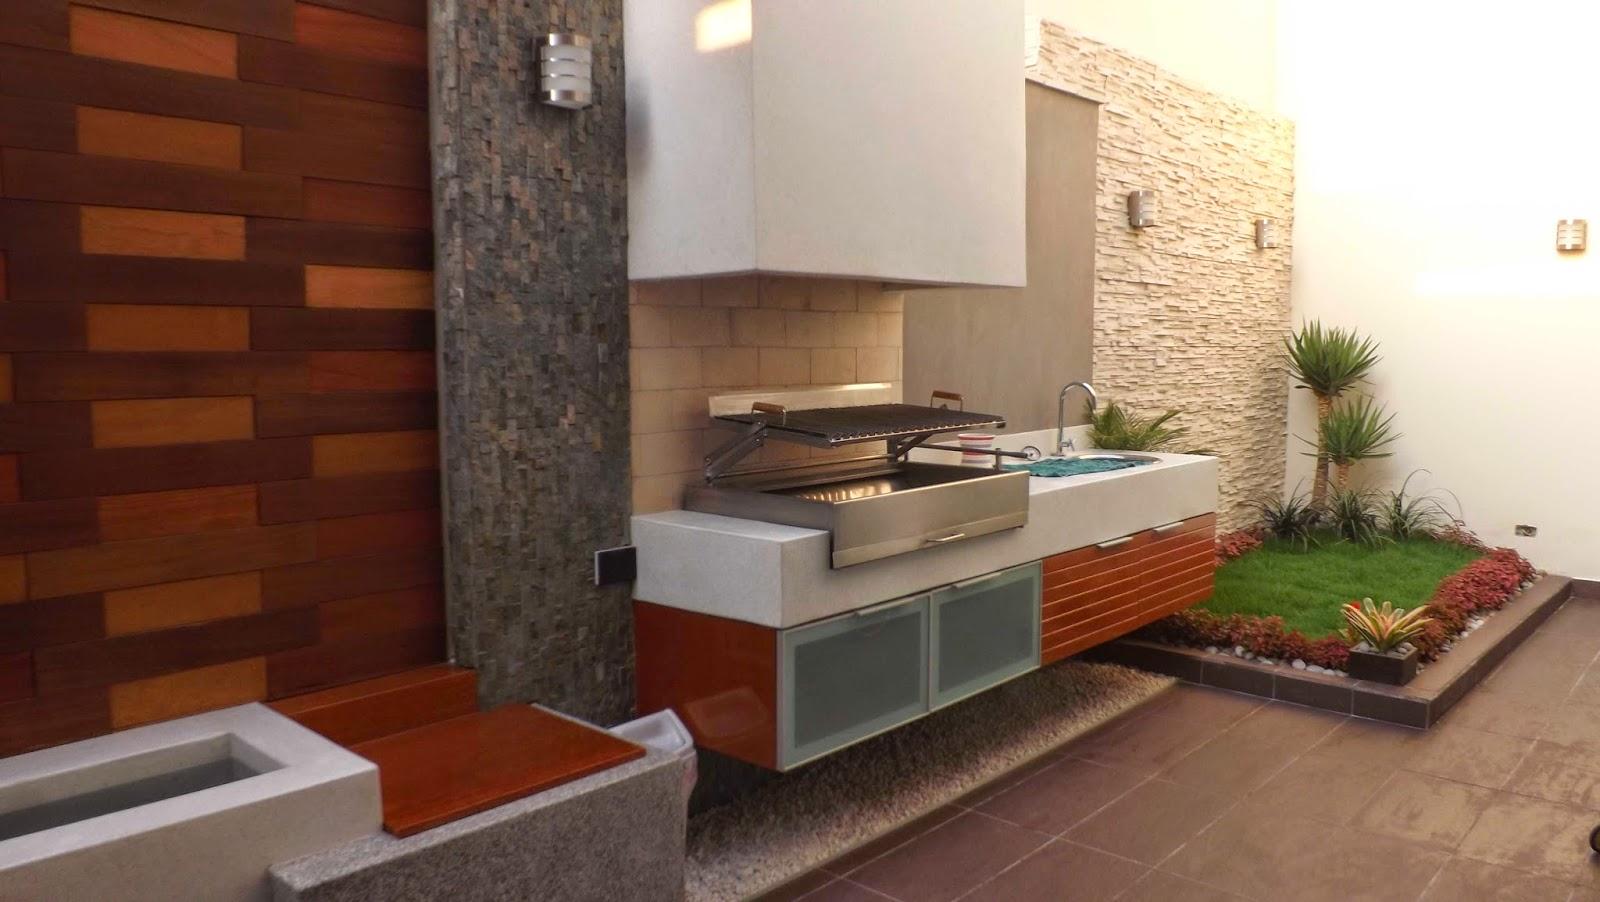 Diseno terrazas exteriores viviendas dise os for Disenos de terrazas exteriores